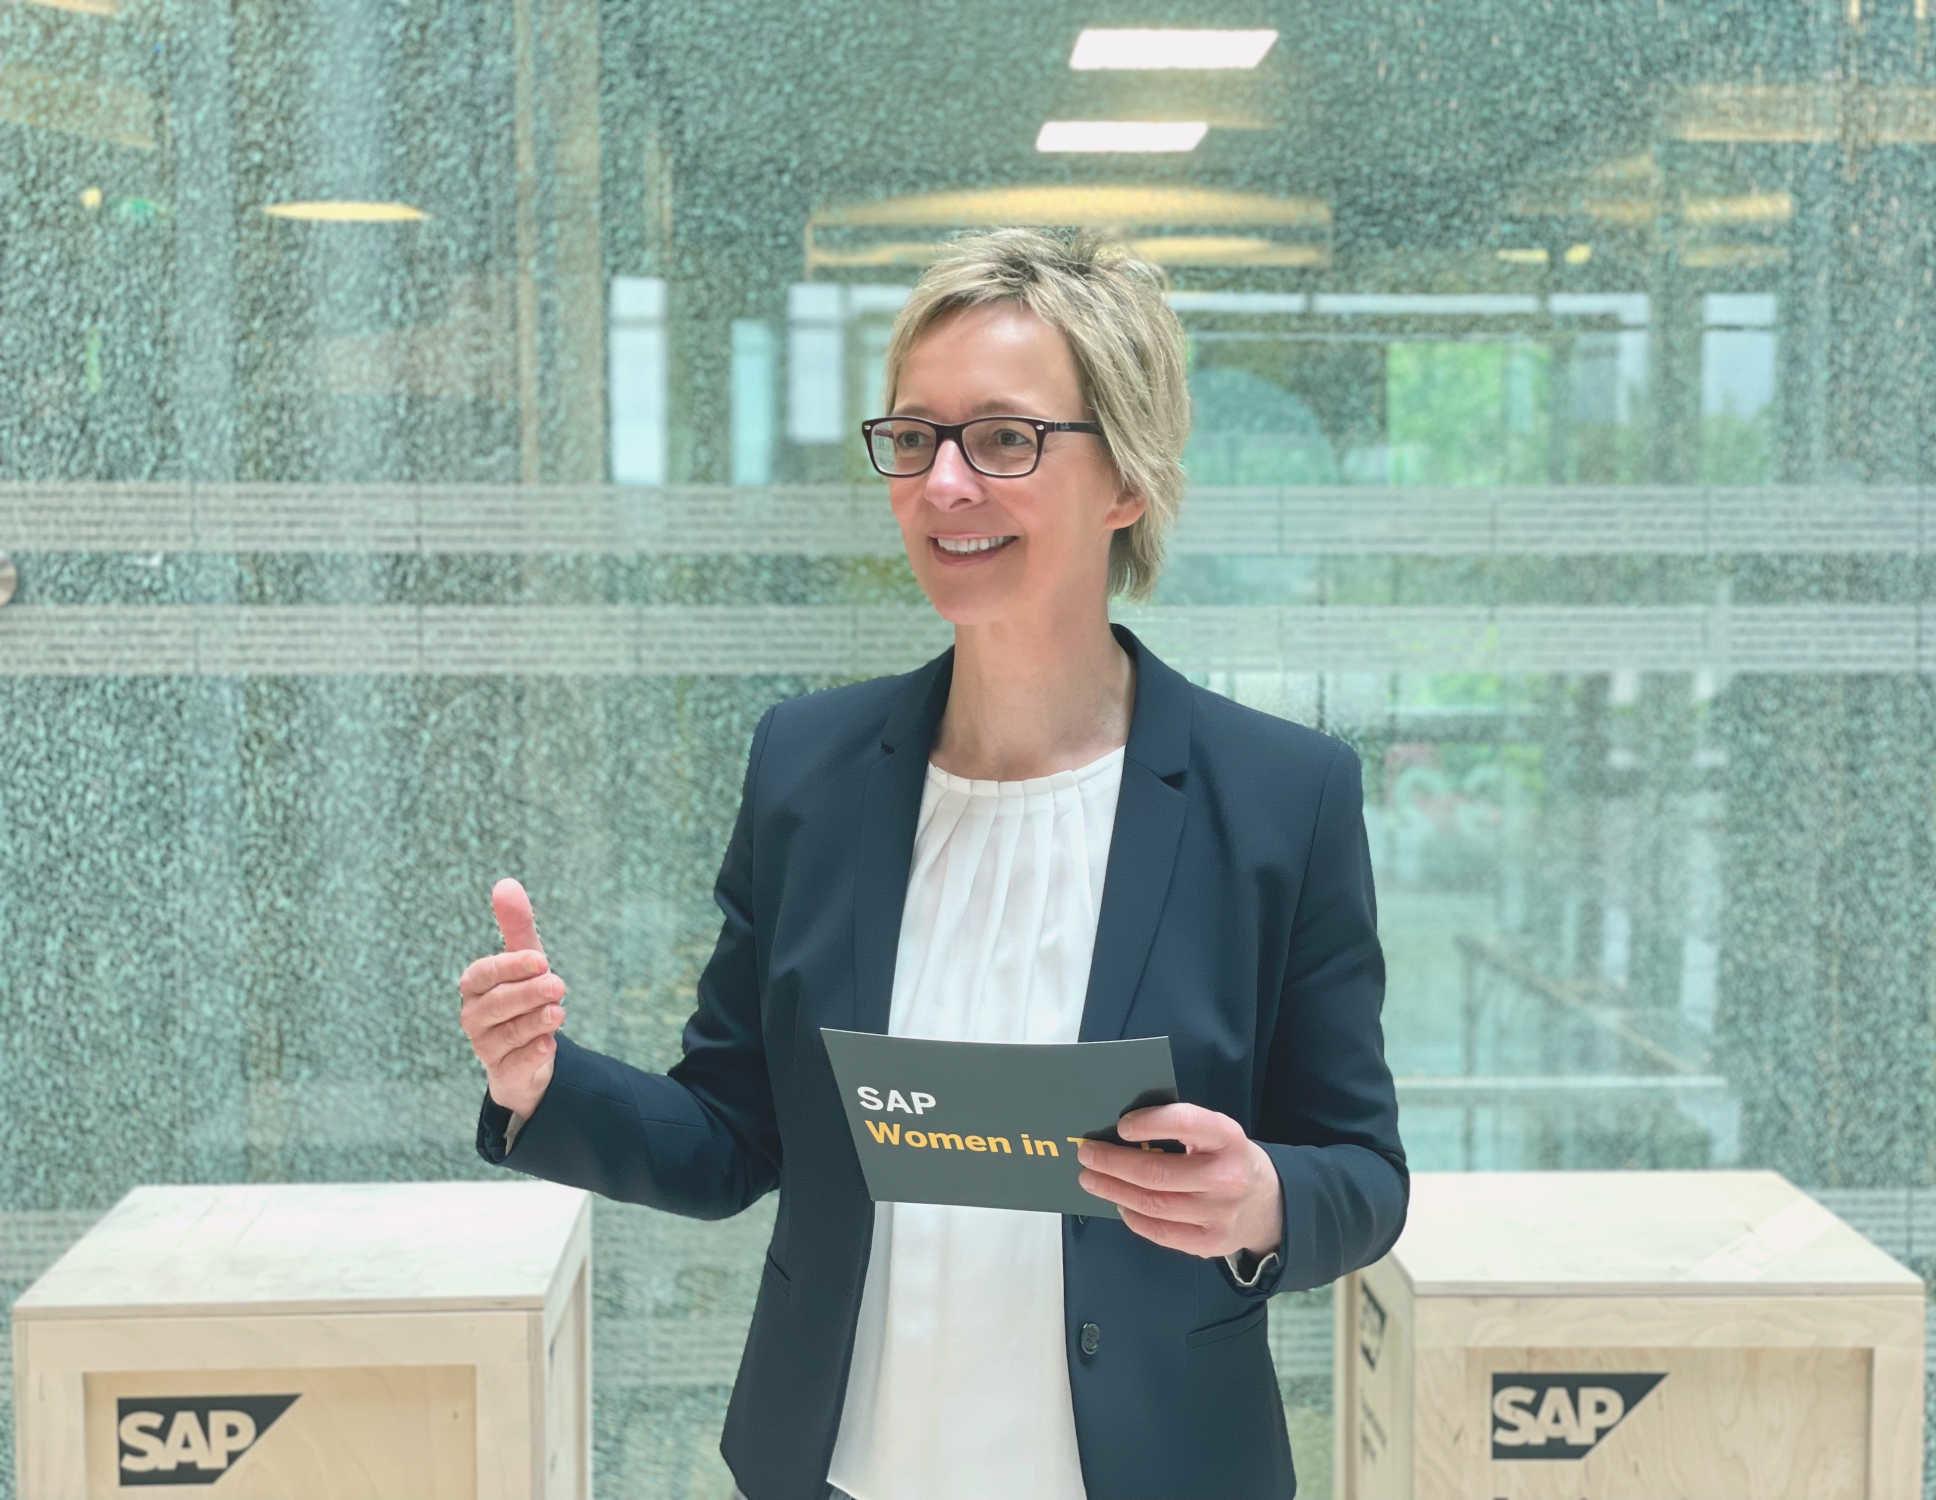 SAP-Aufsichtsrätin Christine Regitz steht auf einem Podium und spricht über den digitalen Wandel.